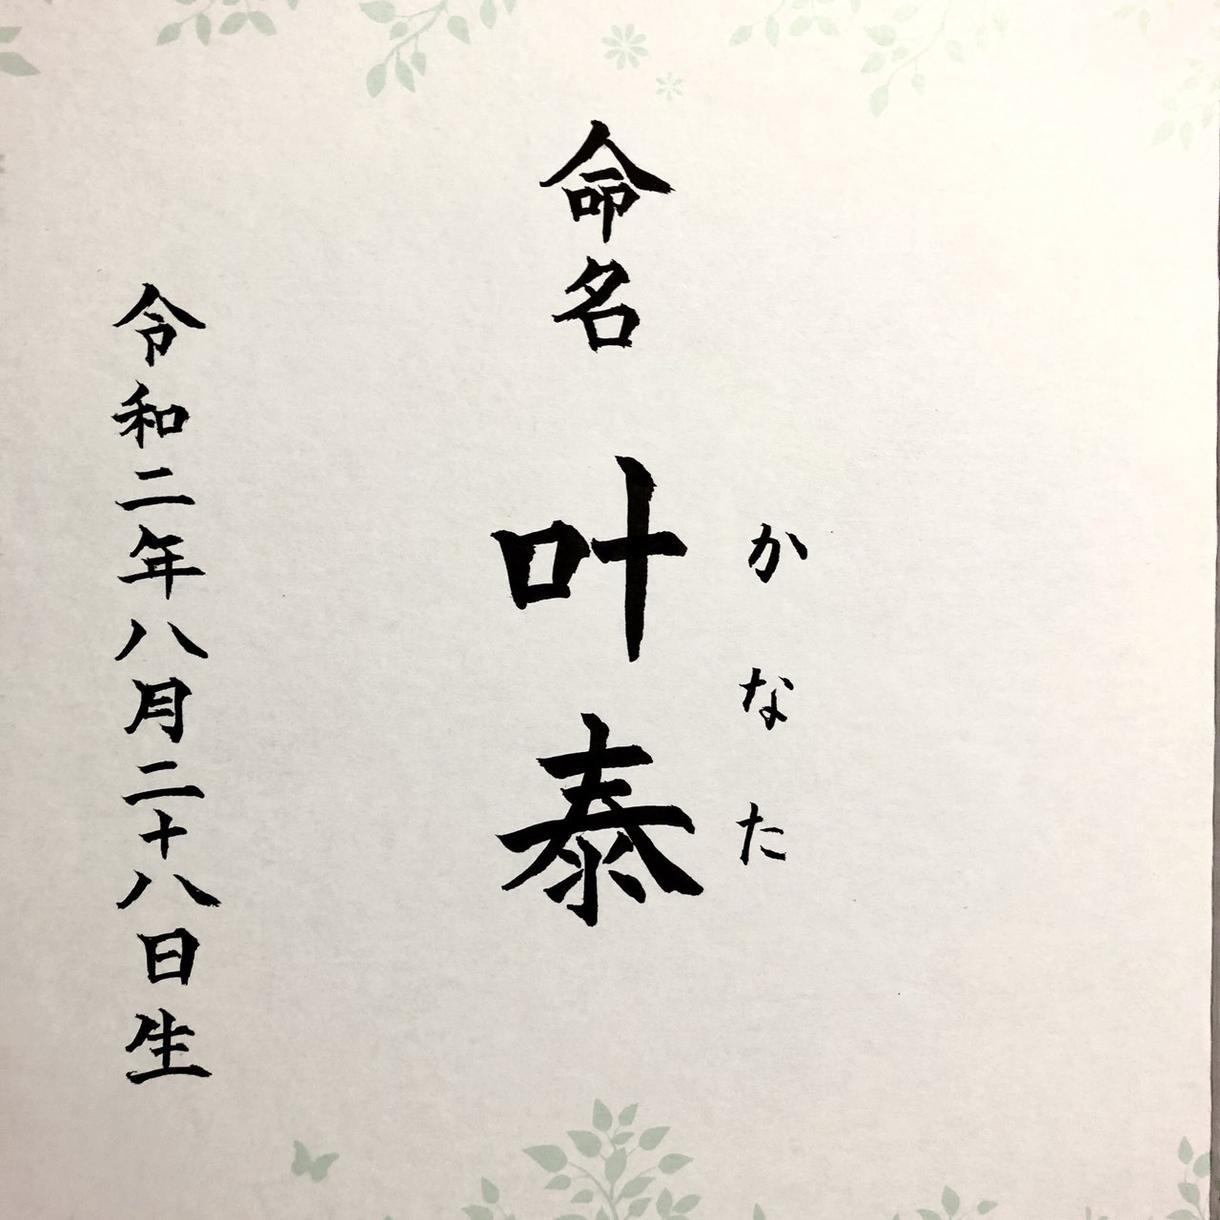 お子様の命名色紙を作成致します ★書道師範がお子様の一生残る命名色紙を作成致します!★ イメージ1